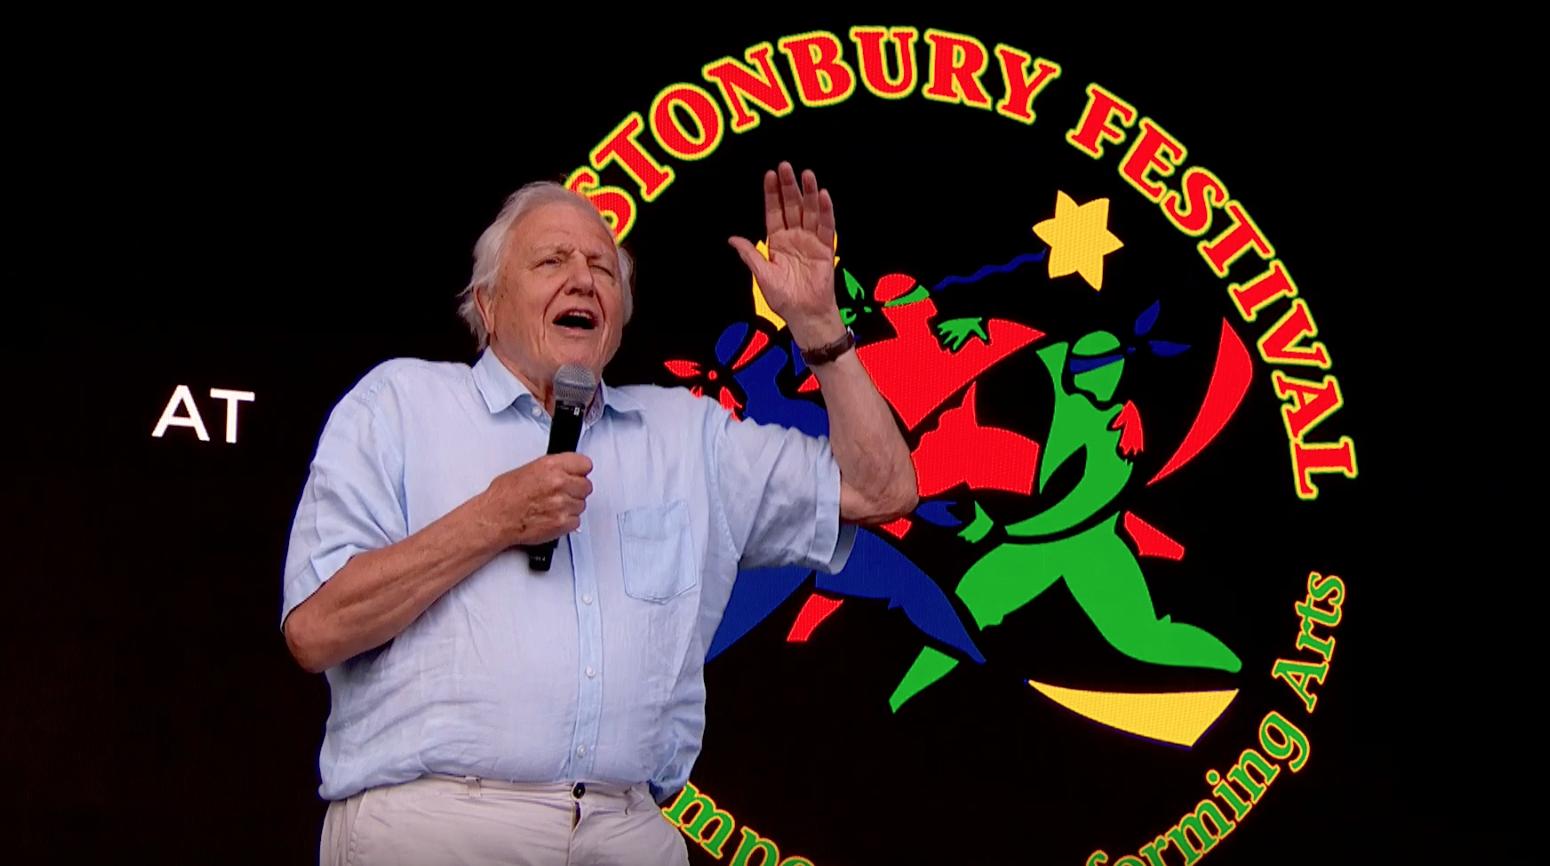 David Attenborough személyesen köszönte meg Glastonbury közönségének, hogy műanyagmentesen buliztak